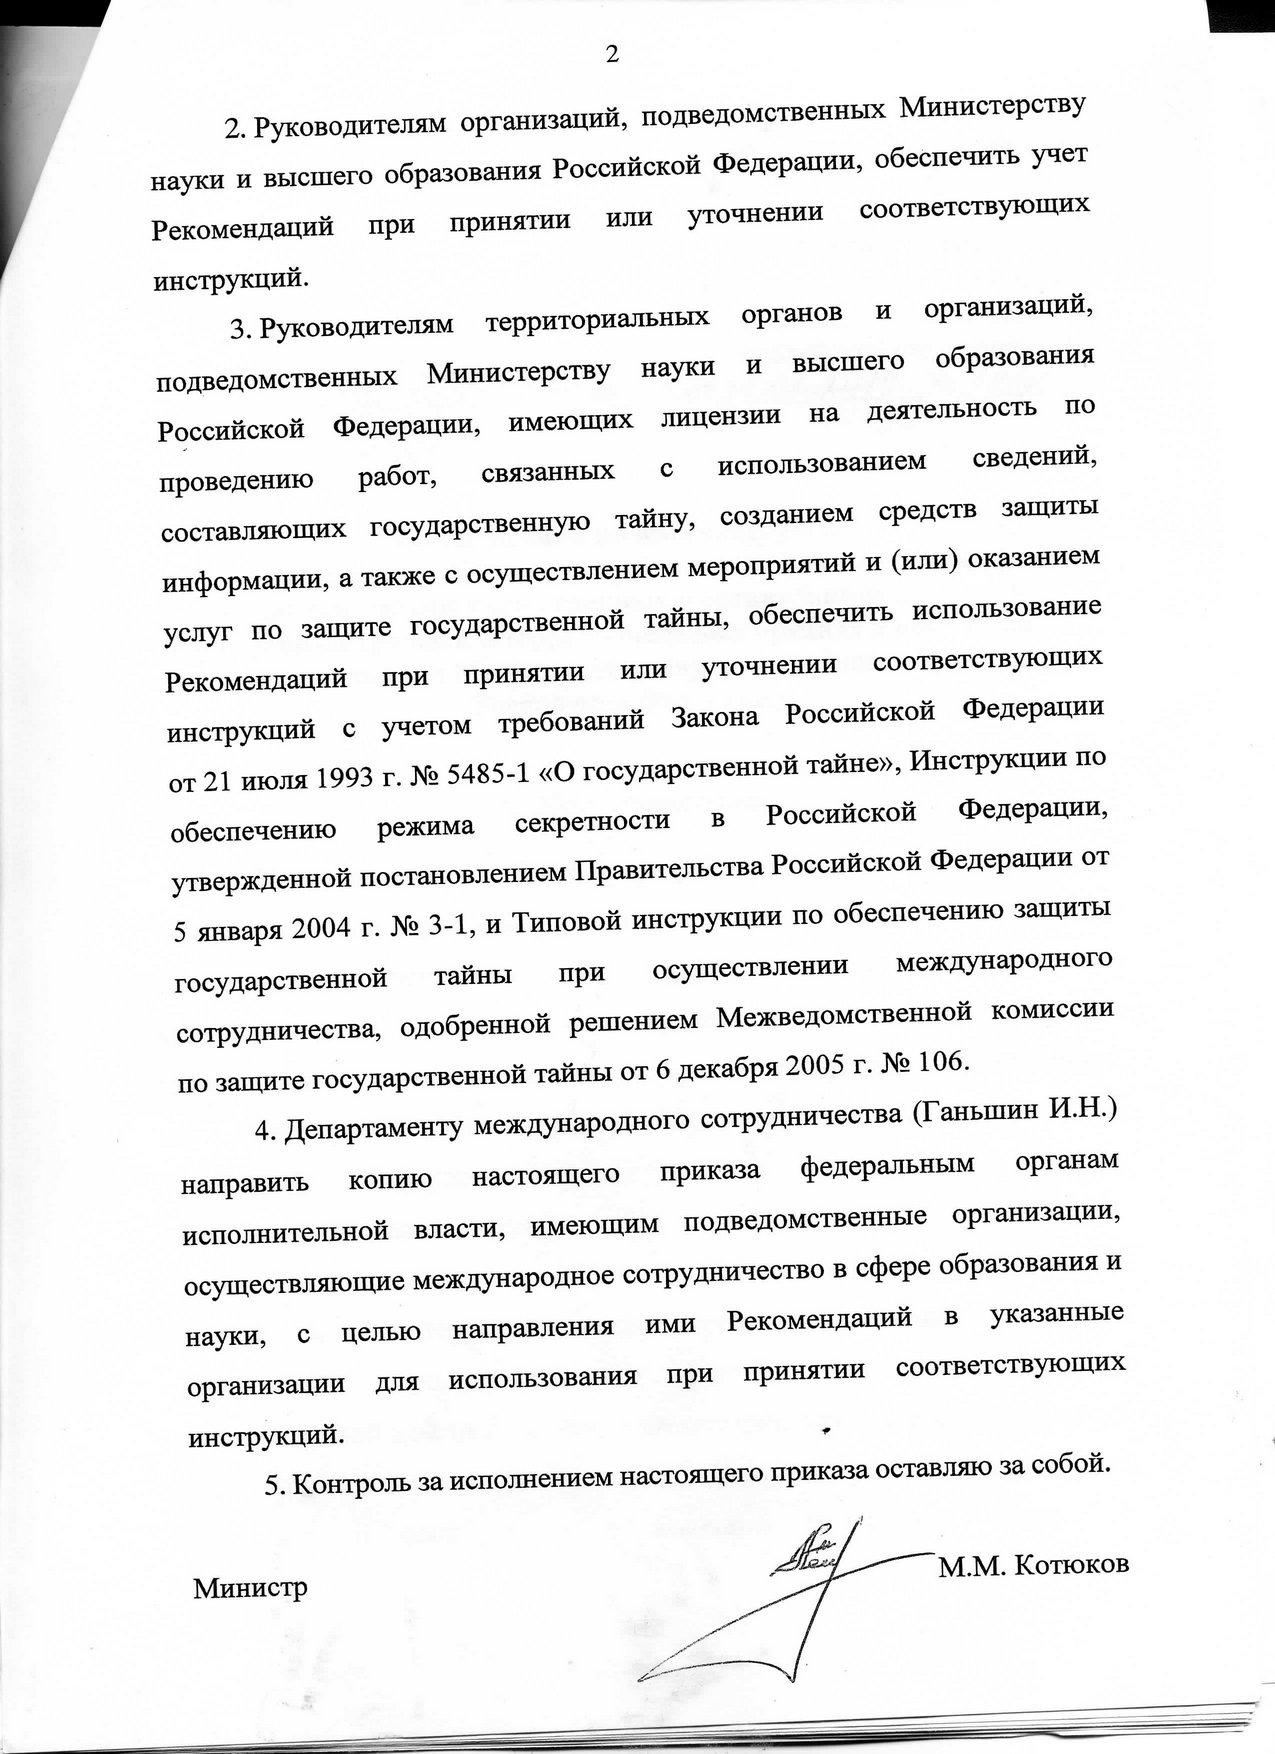 Вход по паспорту, отбирать часы. Российские учёные возмущены приказом Минобрнауки о правилах контактов с иностранцами - 3